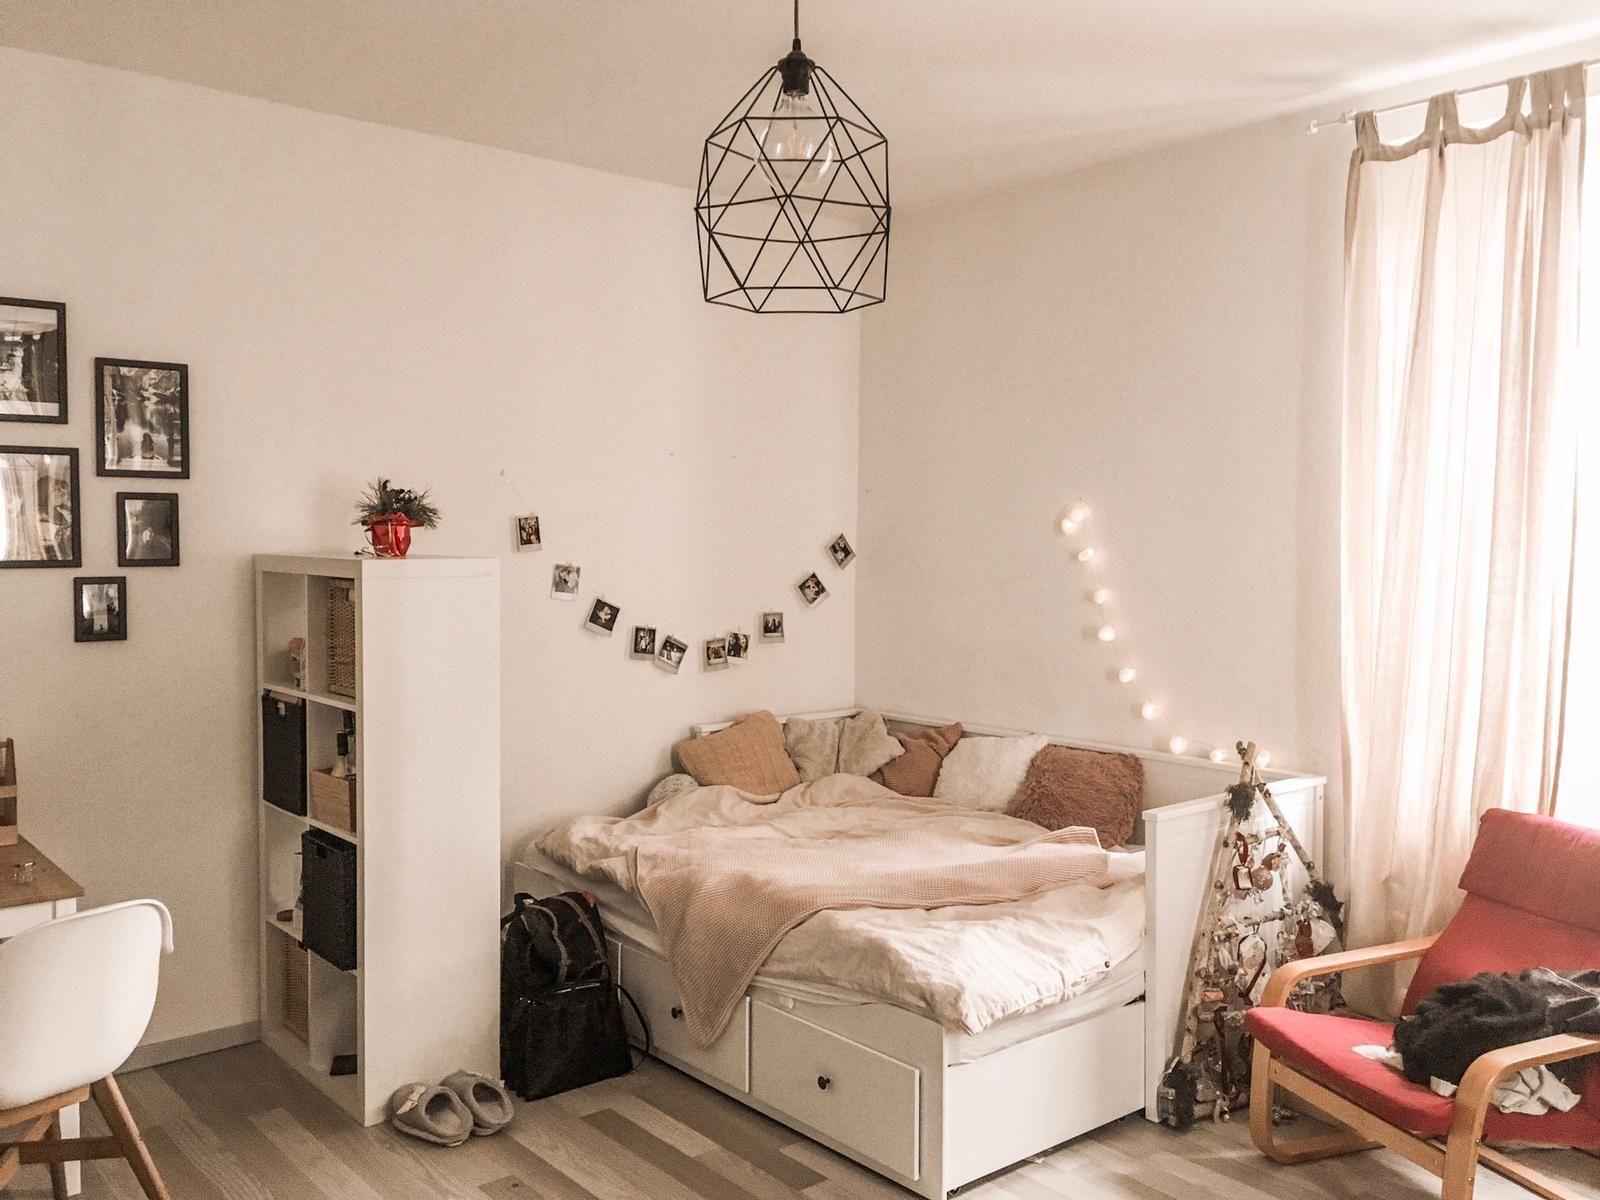 Gemütliche Schlafecke  Zimmer einrichten, Zimmer einrichten